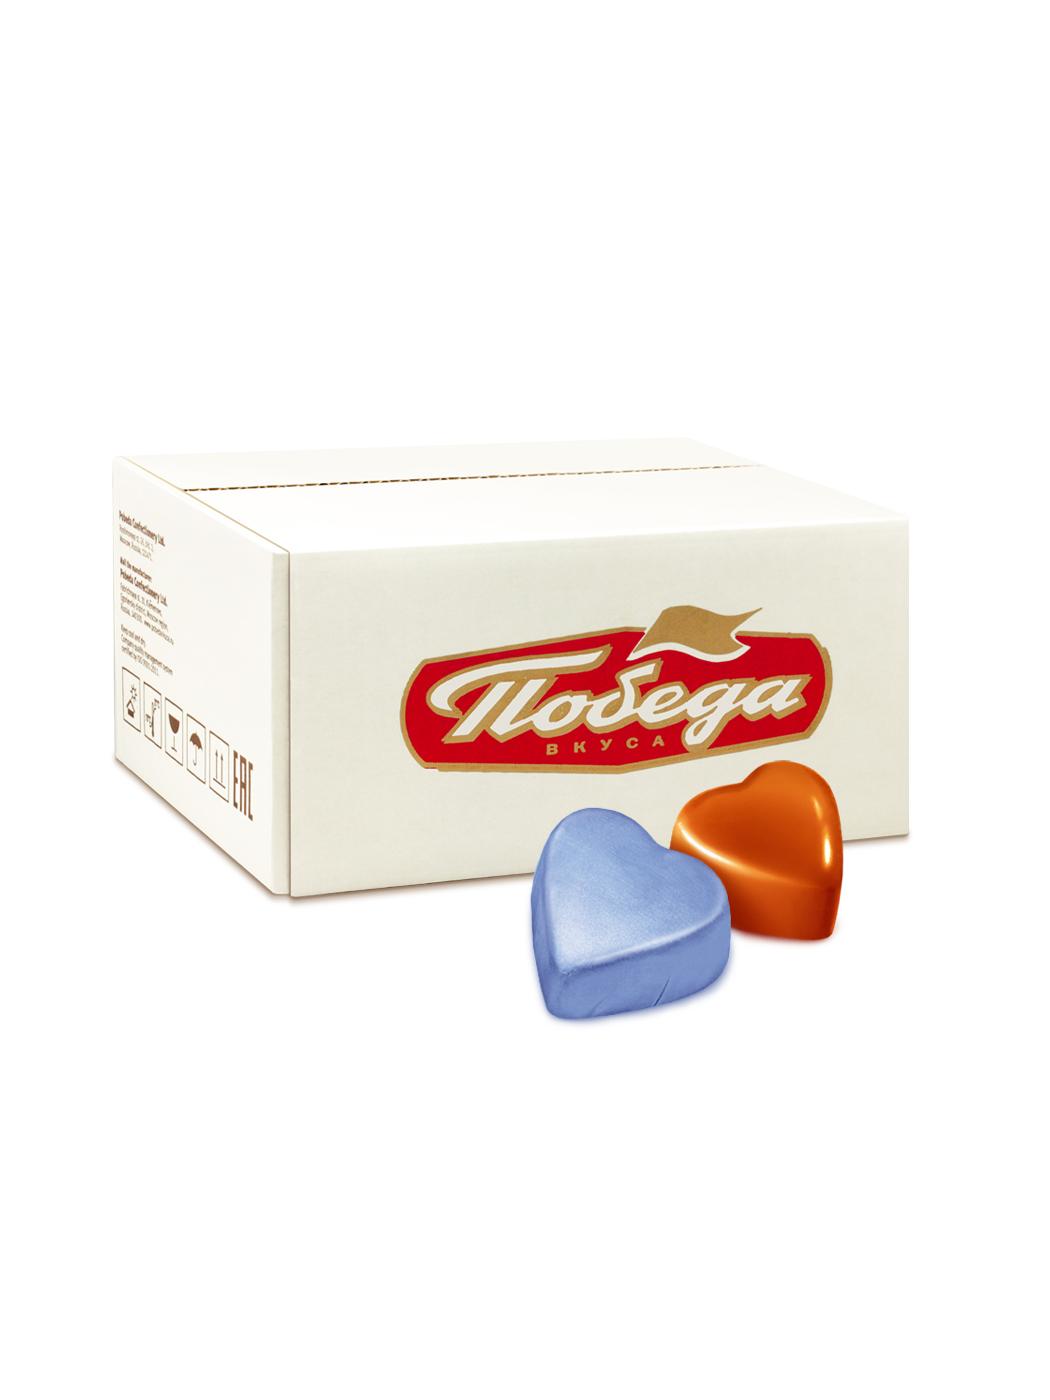 Конфеты шоколадные Победа Вкуса с ореховым кремом сердечки фото